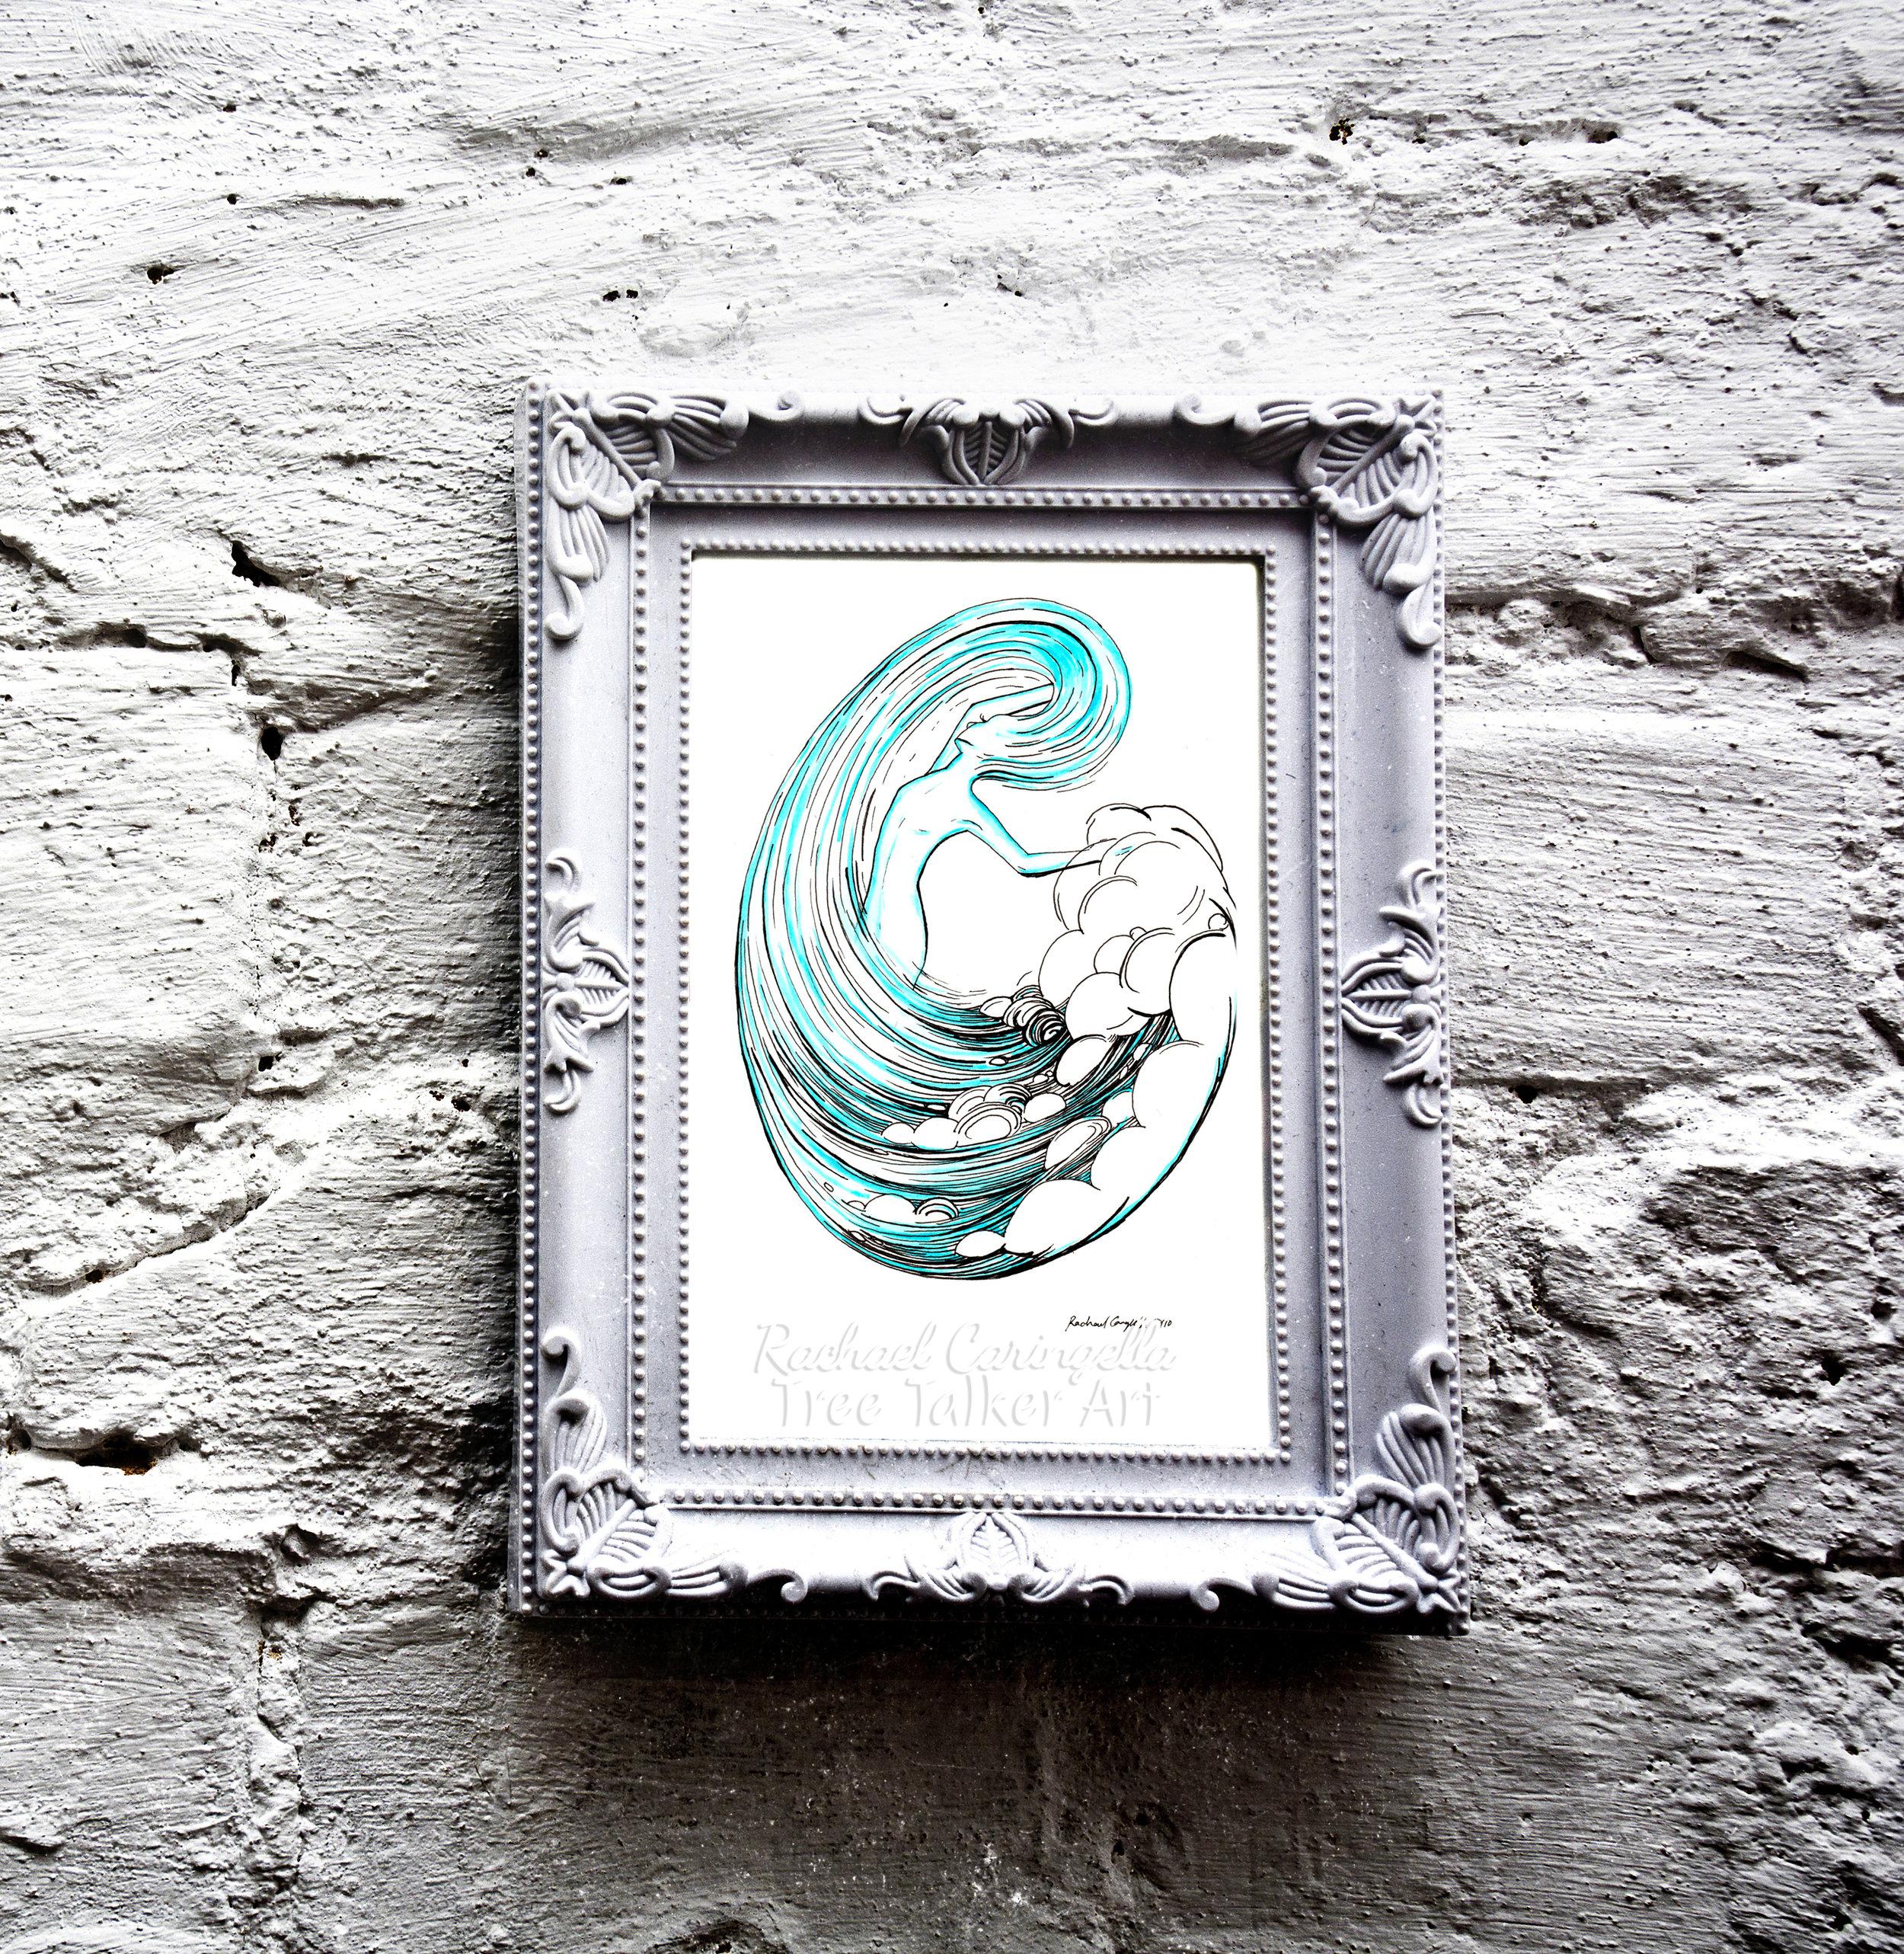 Water Spirit Tree Talker Art Inktober 2018 Illustration of a Water Spirit